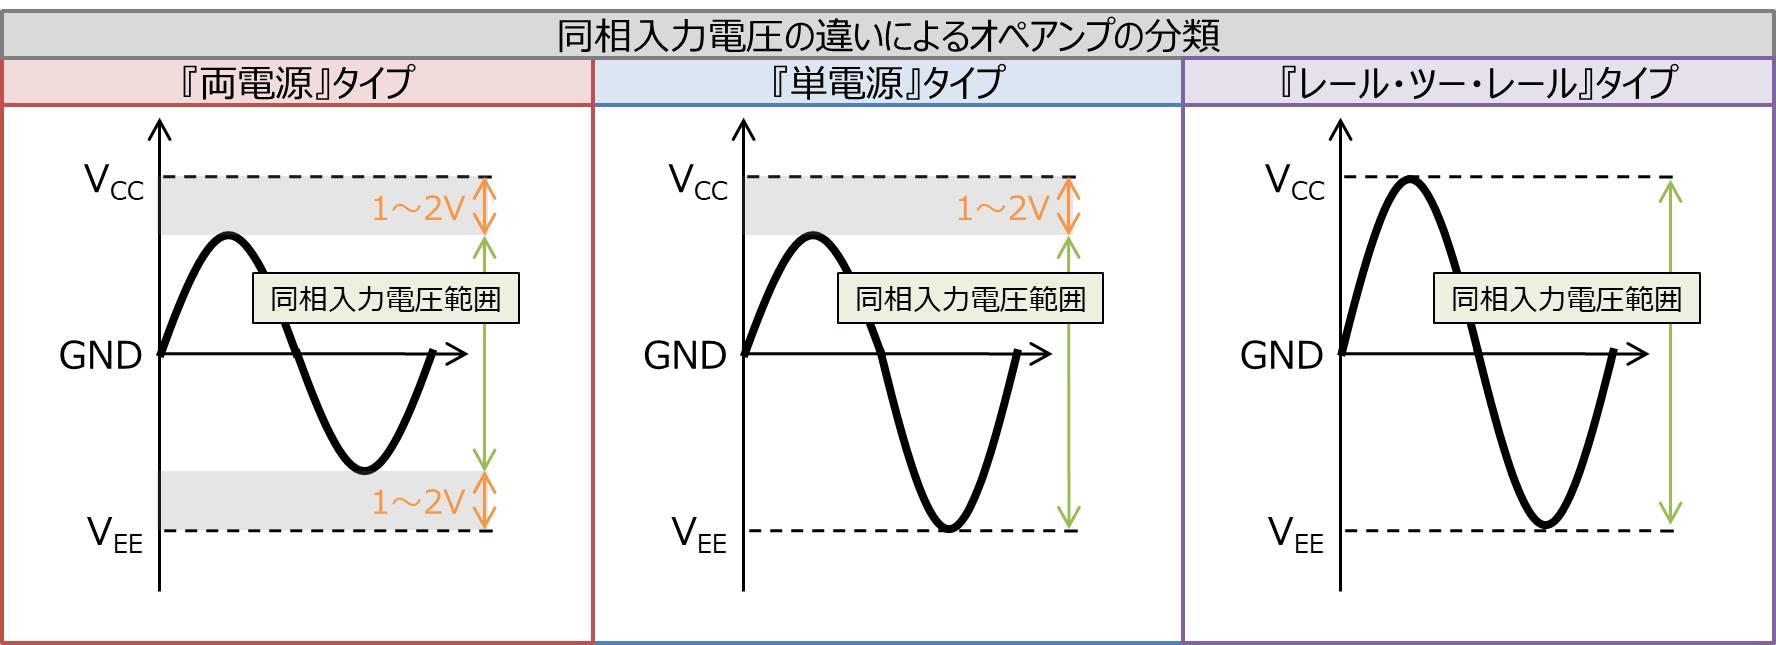 『両電源タイプ』、『単電源タイプ』、『レール・ツー・レールタイプ』の同相入力電圧範囲